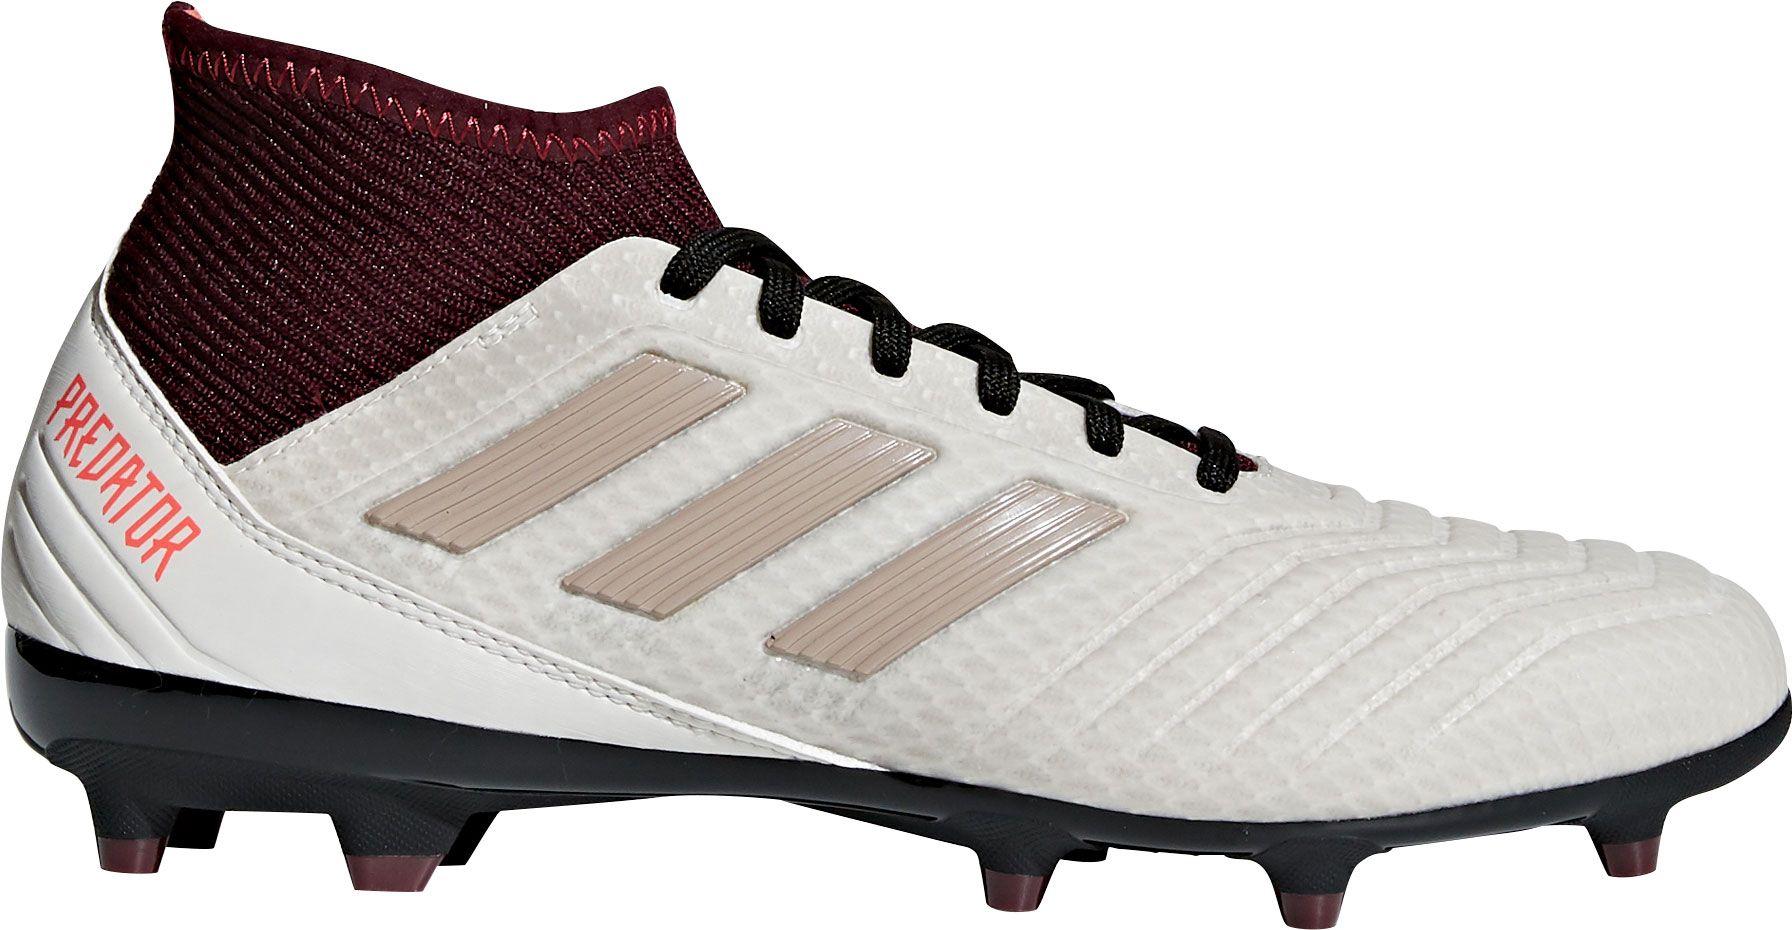 adidas Women s Predator 18.3 FG Soccer Cleats  1a7036887a